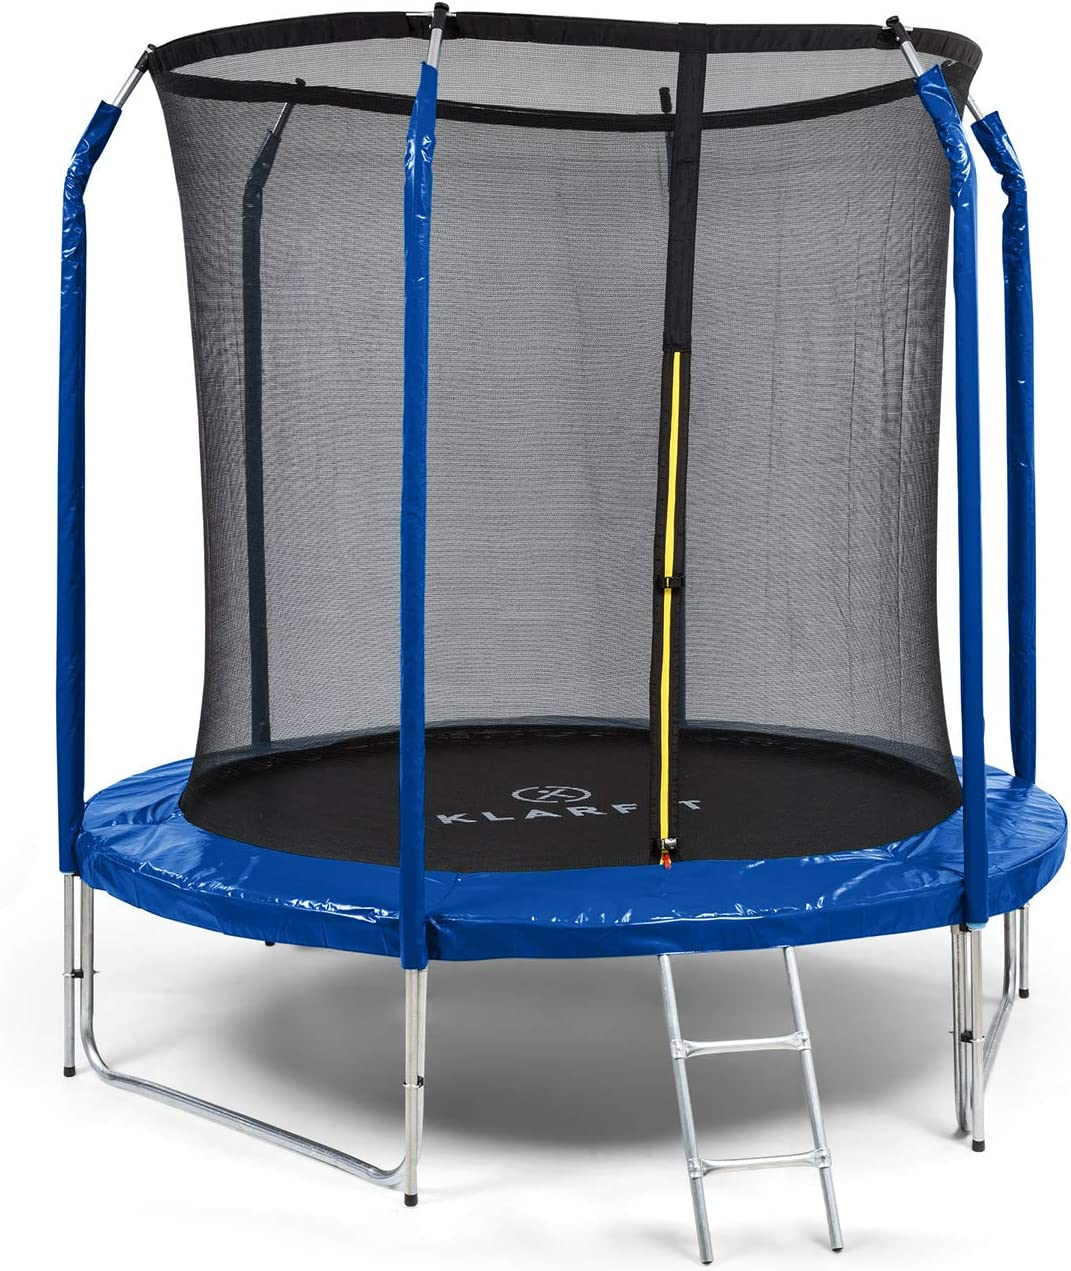 Klarfit Jumpstarter - Cama elástica, Superficie de salto de 1,95 m, Certificado Intertek, Red de seguridad interior, Carga máx. 120 kg, 3 patas dobles, Escalera de acero galvanizado, Acolchado